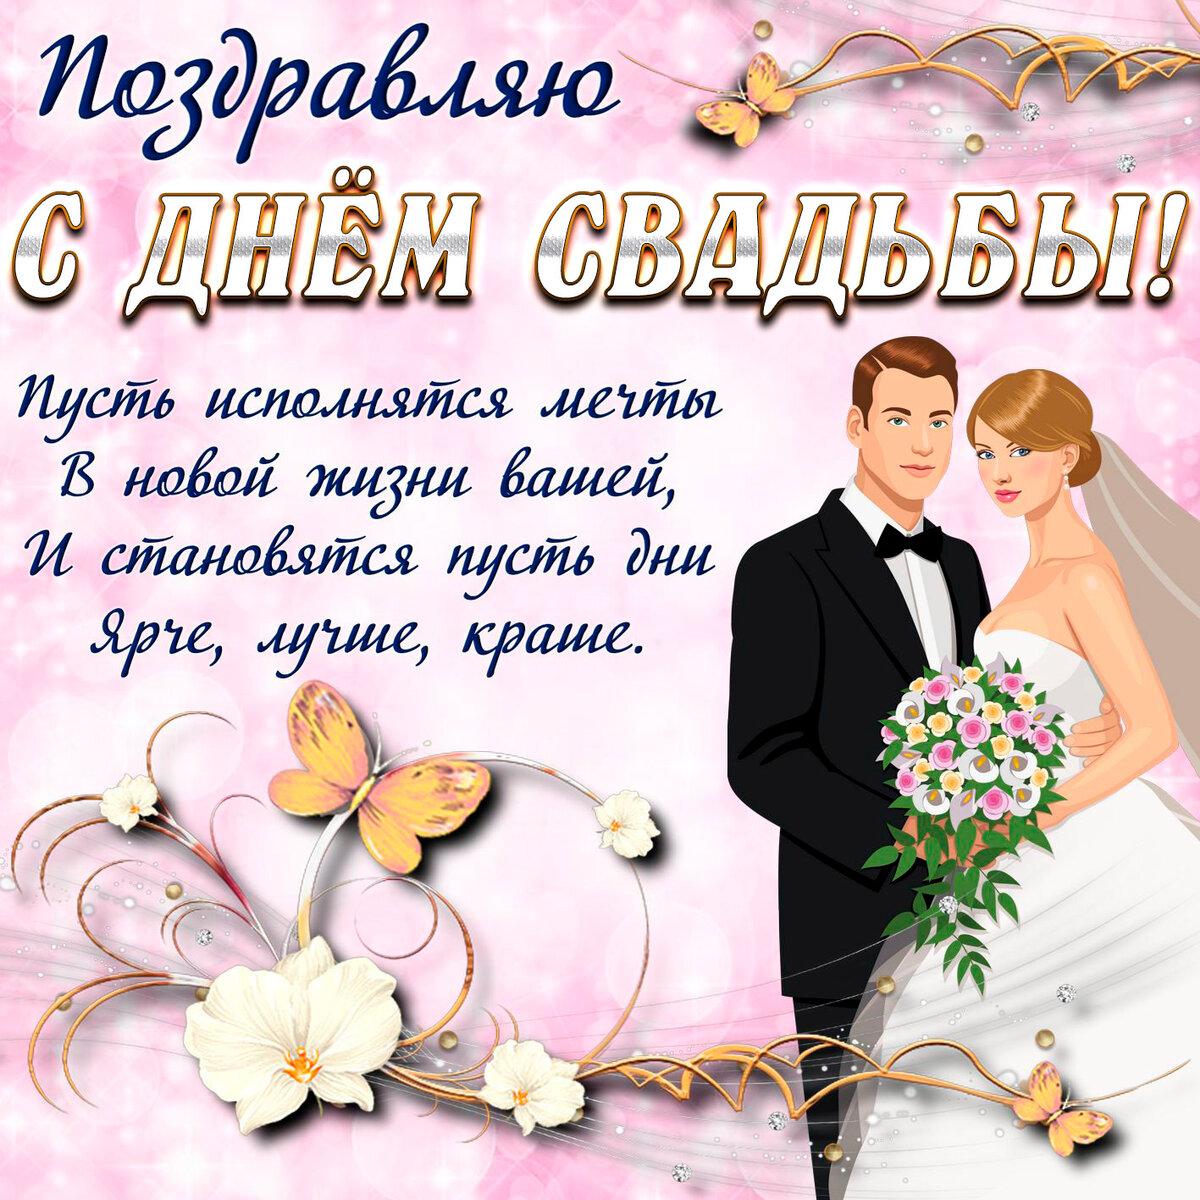 Открытку днем, слова для поздравления в день свадьбы